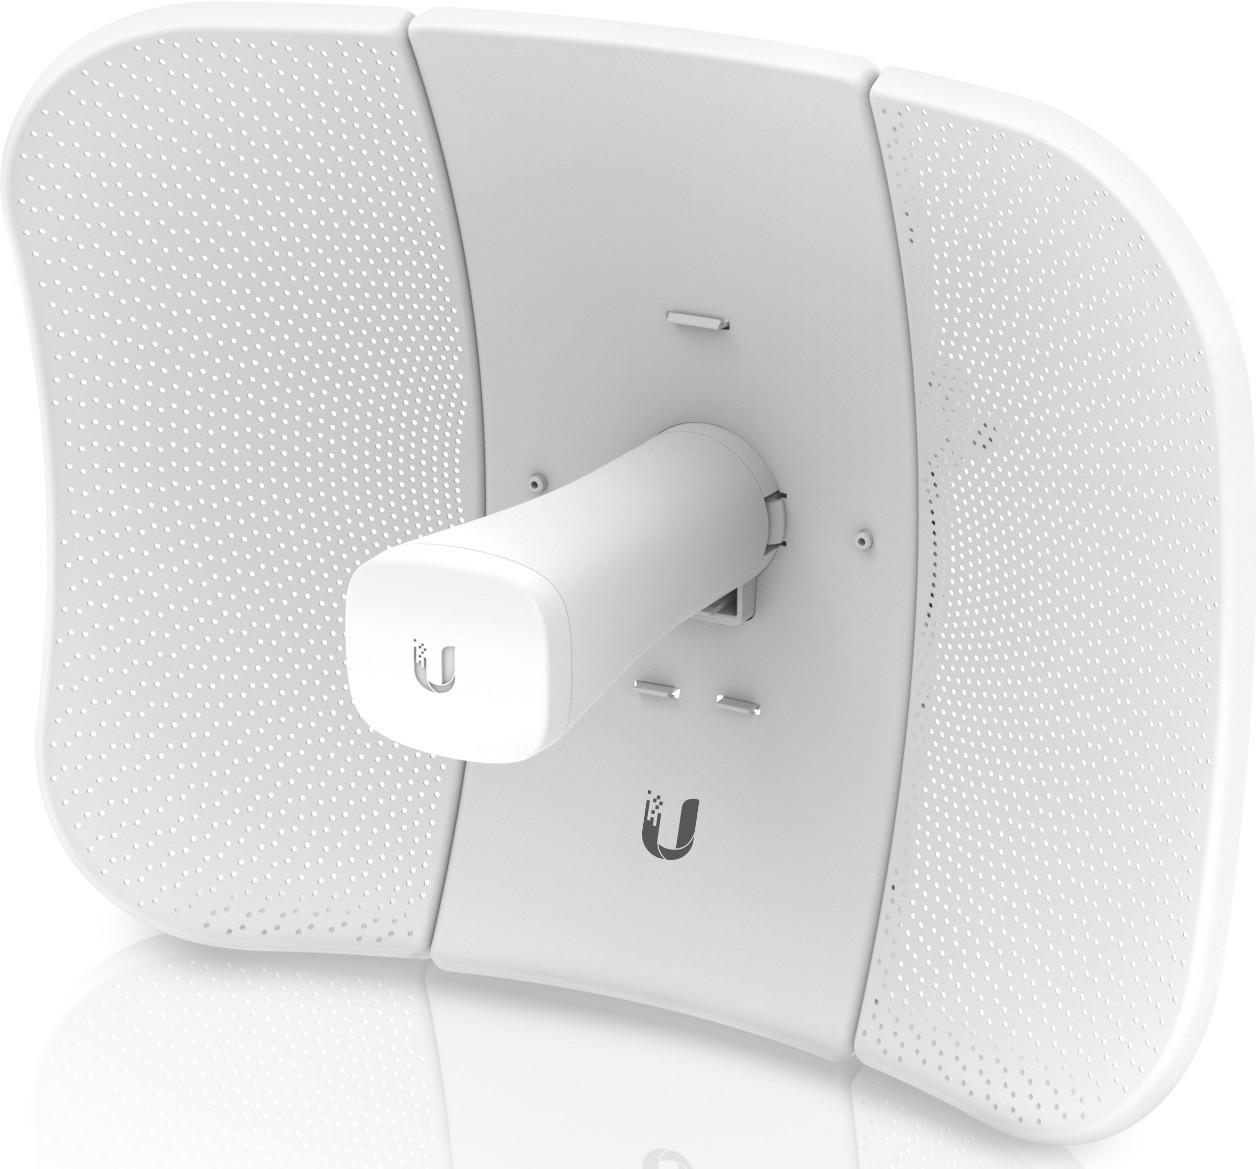 Мост Wi-Fi Ubiquiti  LBE-5AC-Gen2 LiteBeam 5AC Gen2